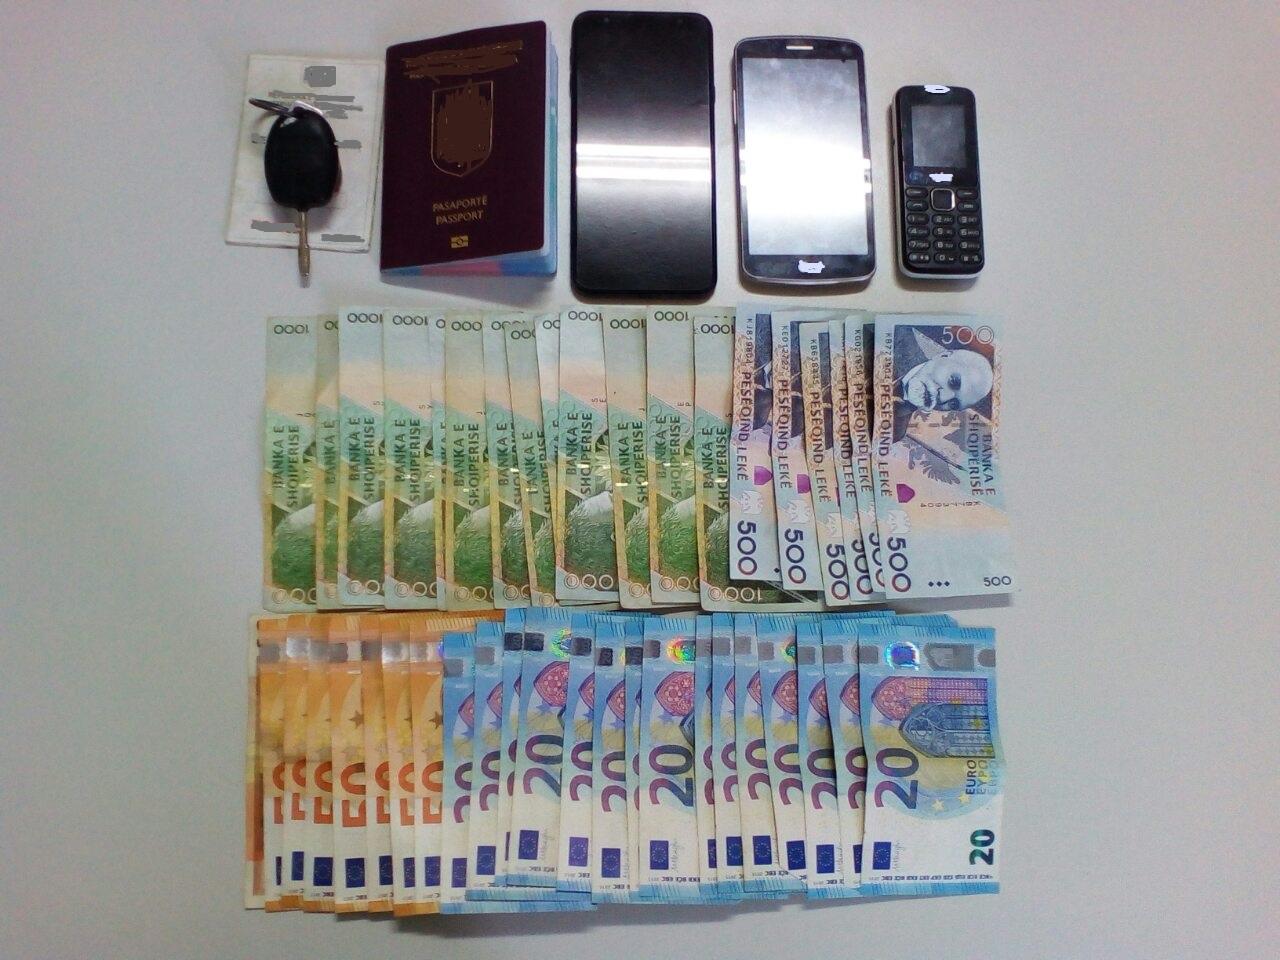 Σύλληψη δύο αλλοδαπών στην Κρυσταλλοπηγή Φλώρινας για μεταφορά δύο μη νόμιμων αλλοδαπών